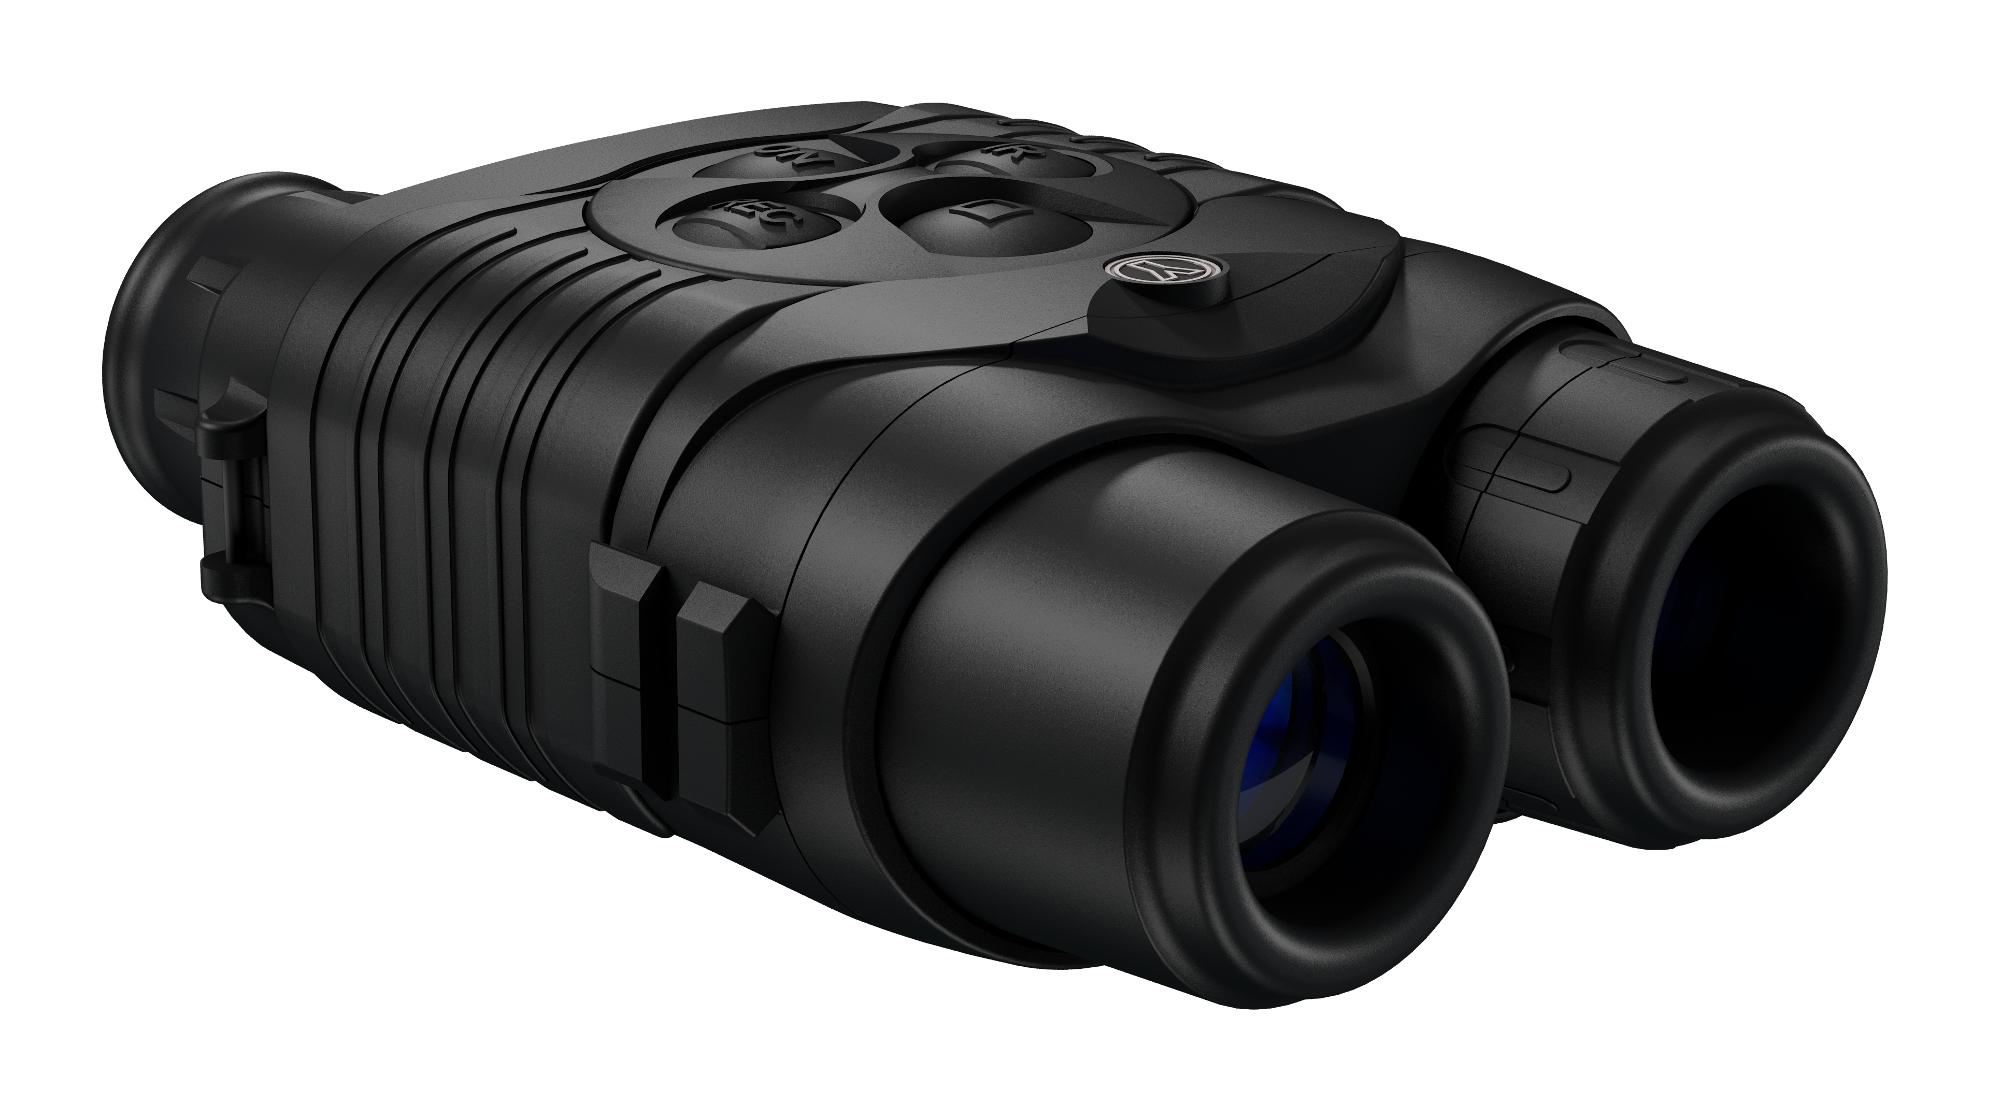 Fernglas Mit Entfernungsmesser Und Nachtsicht : Fernglas entfernungsmesser nachtsicht nachtsichtgeräte